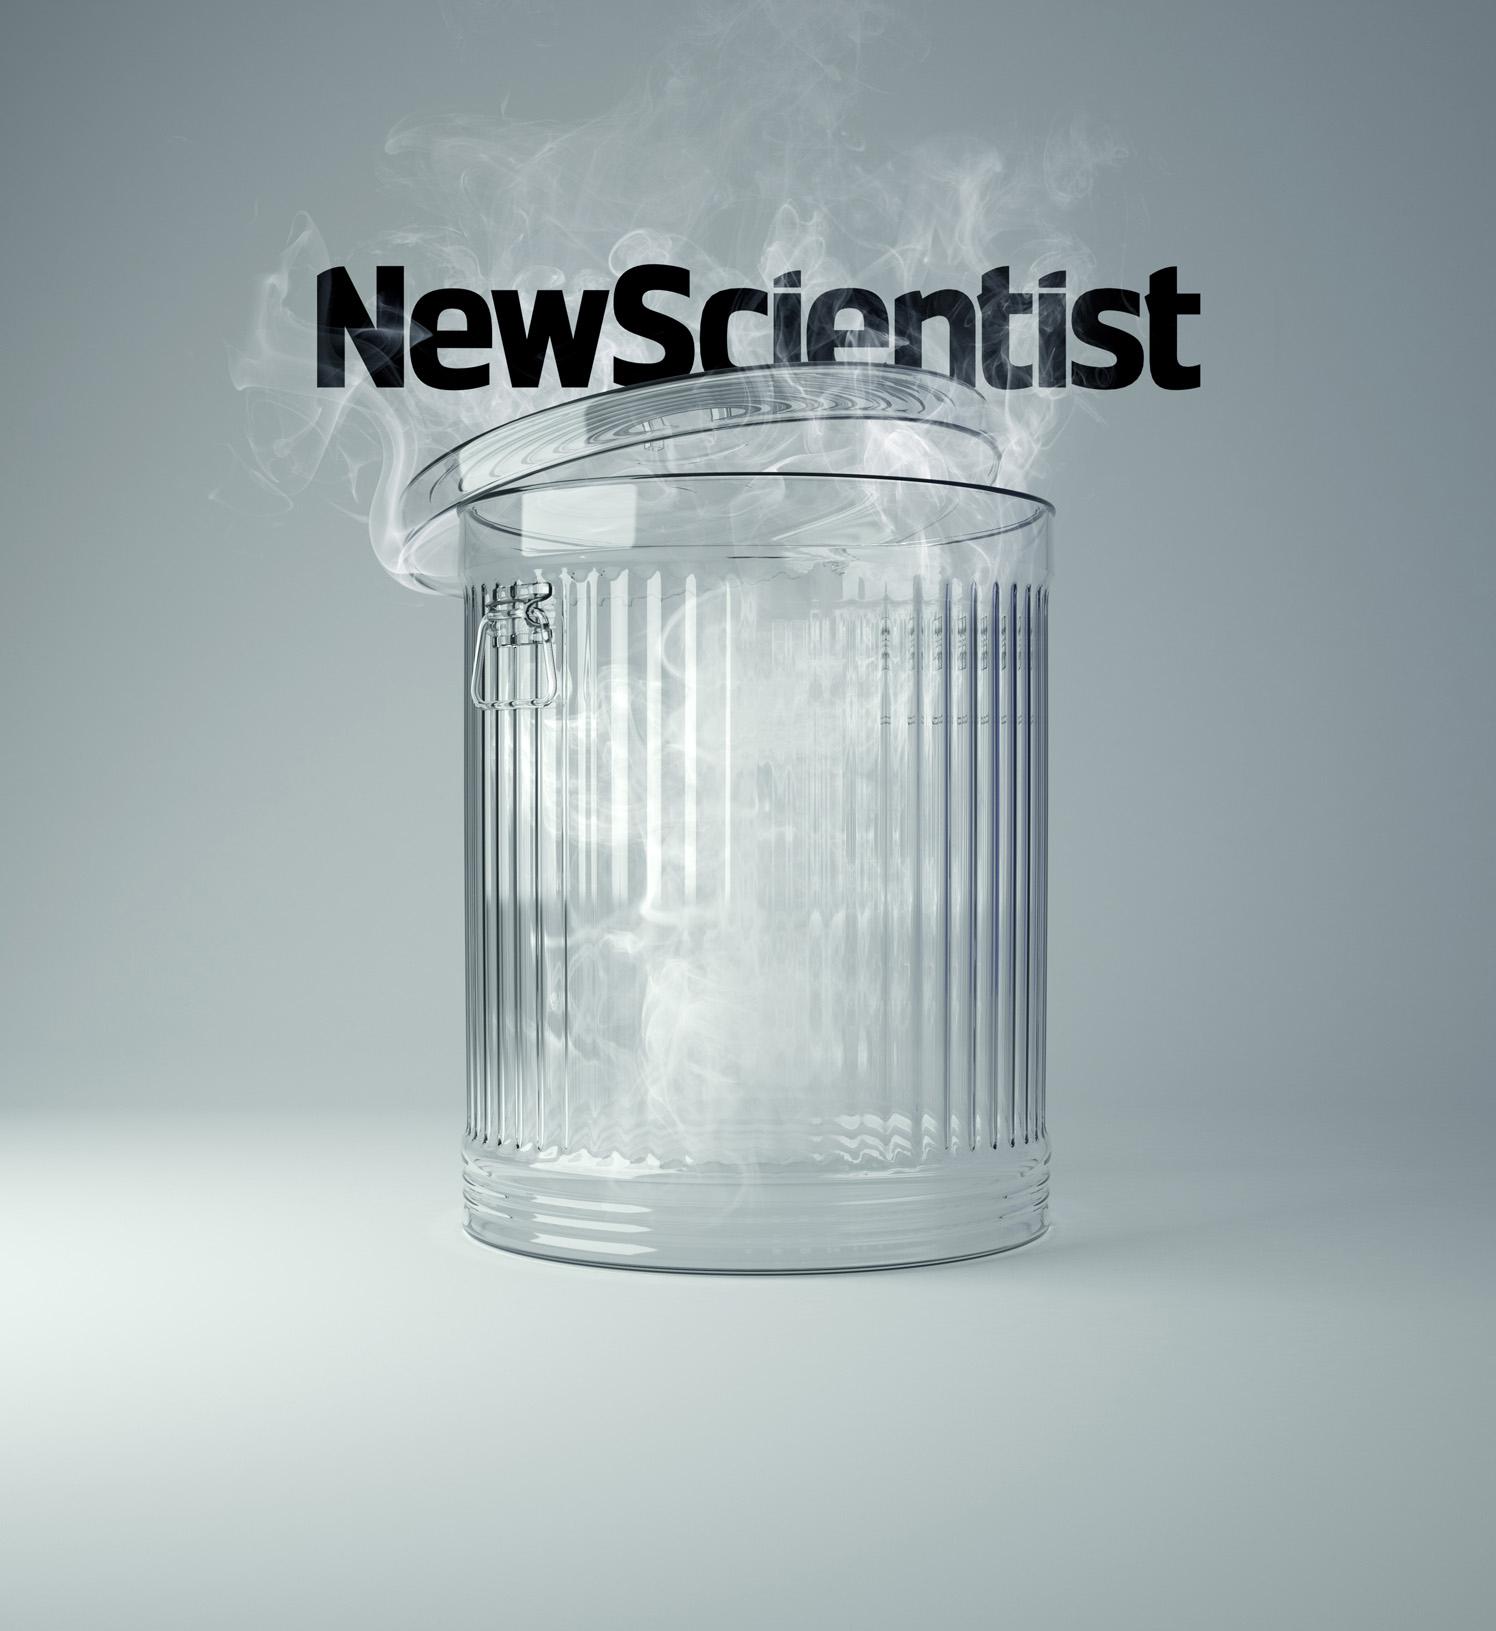 New Scientist Trash